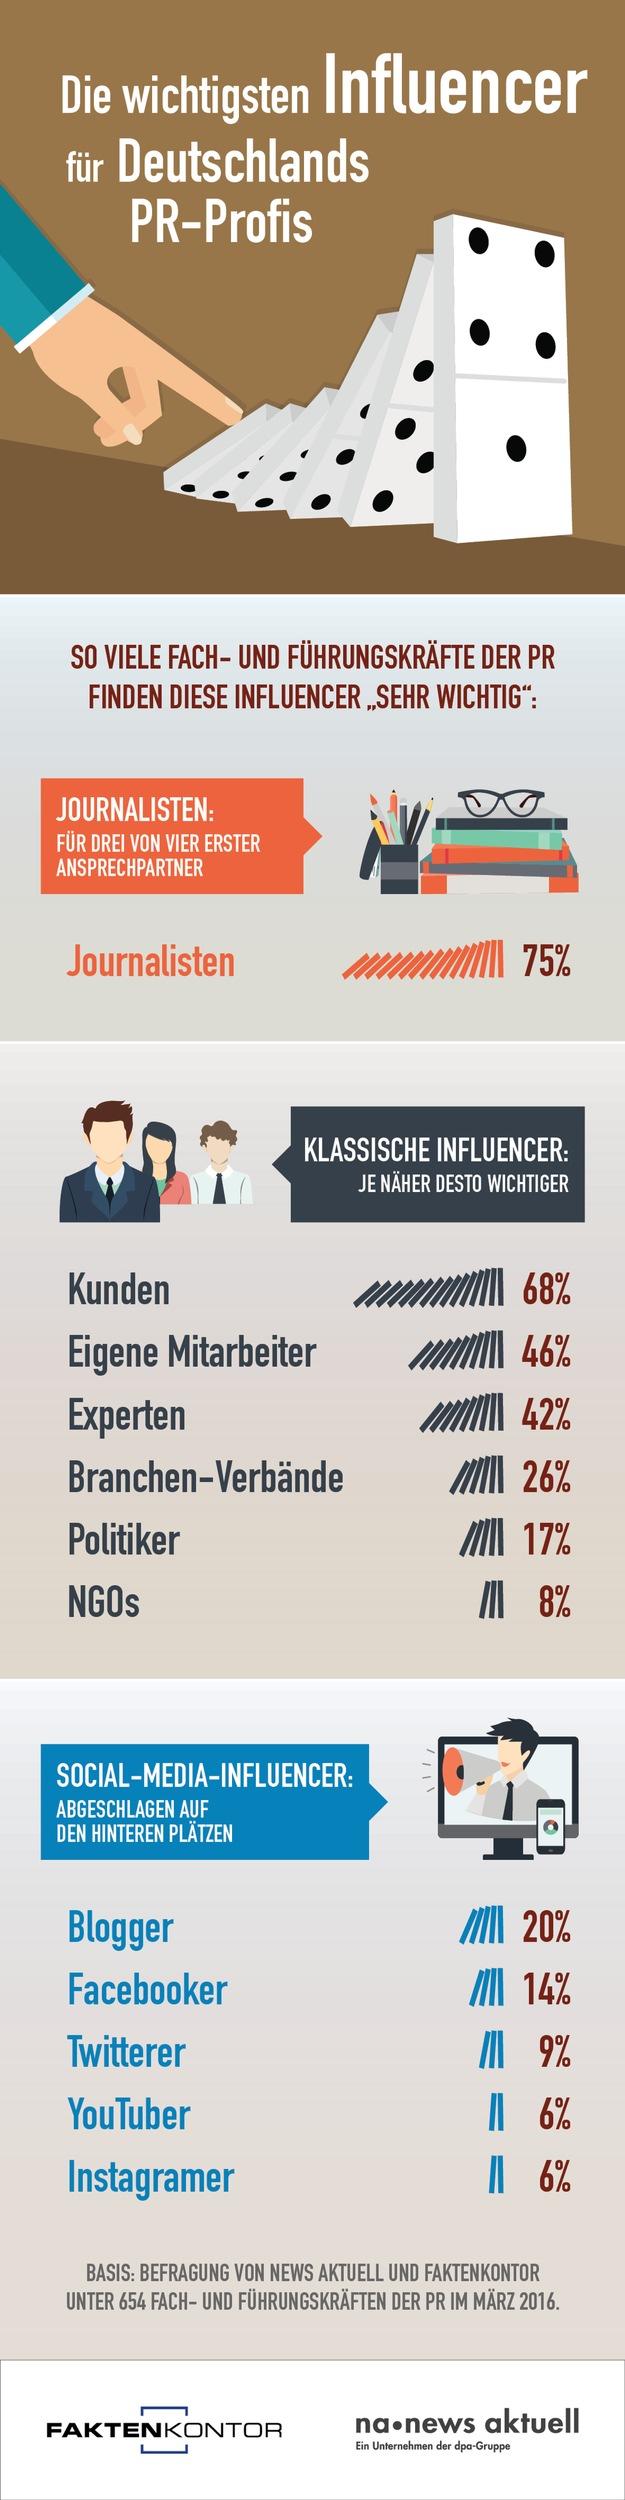 Influencer-Ranking: Journalisten für PR-Profis am wichtigsten / Kunden und Mitarbeiter deutlich vor Bloggern